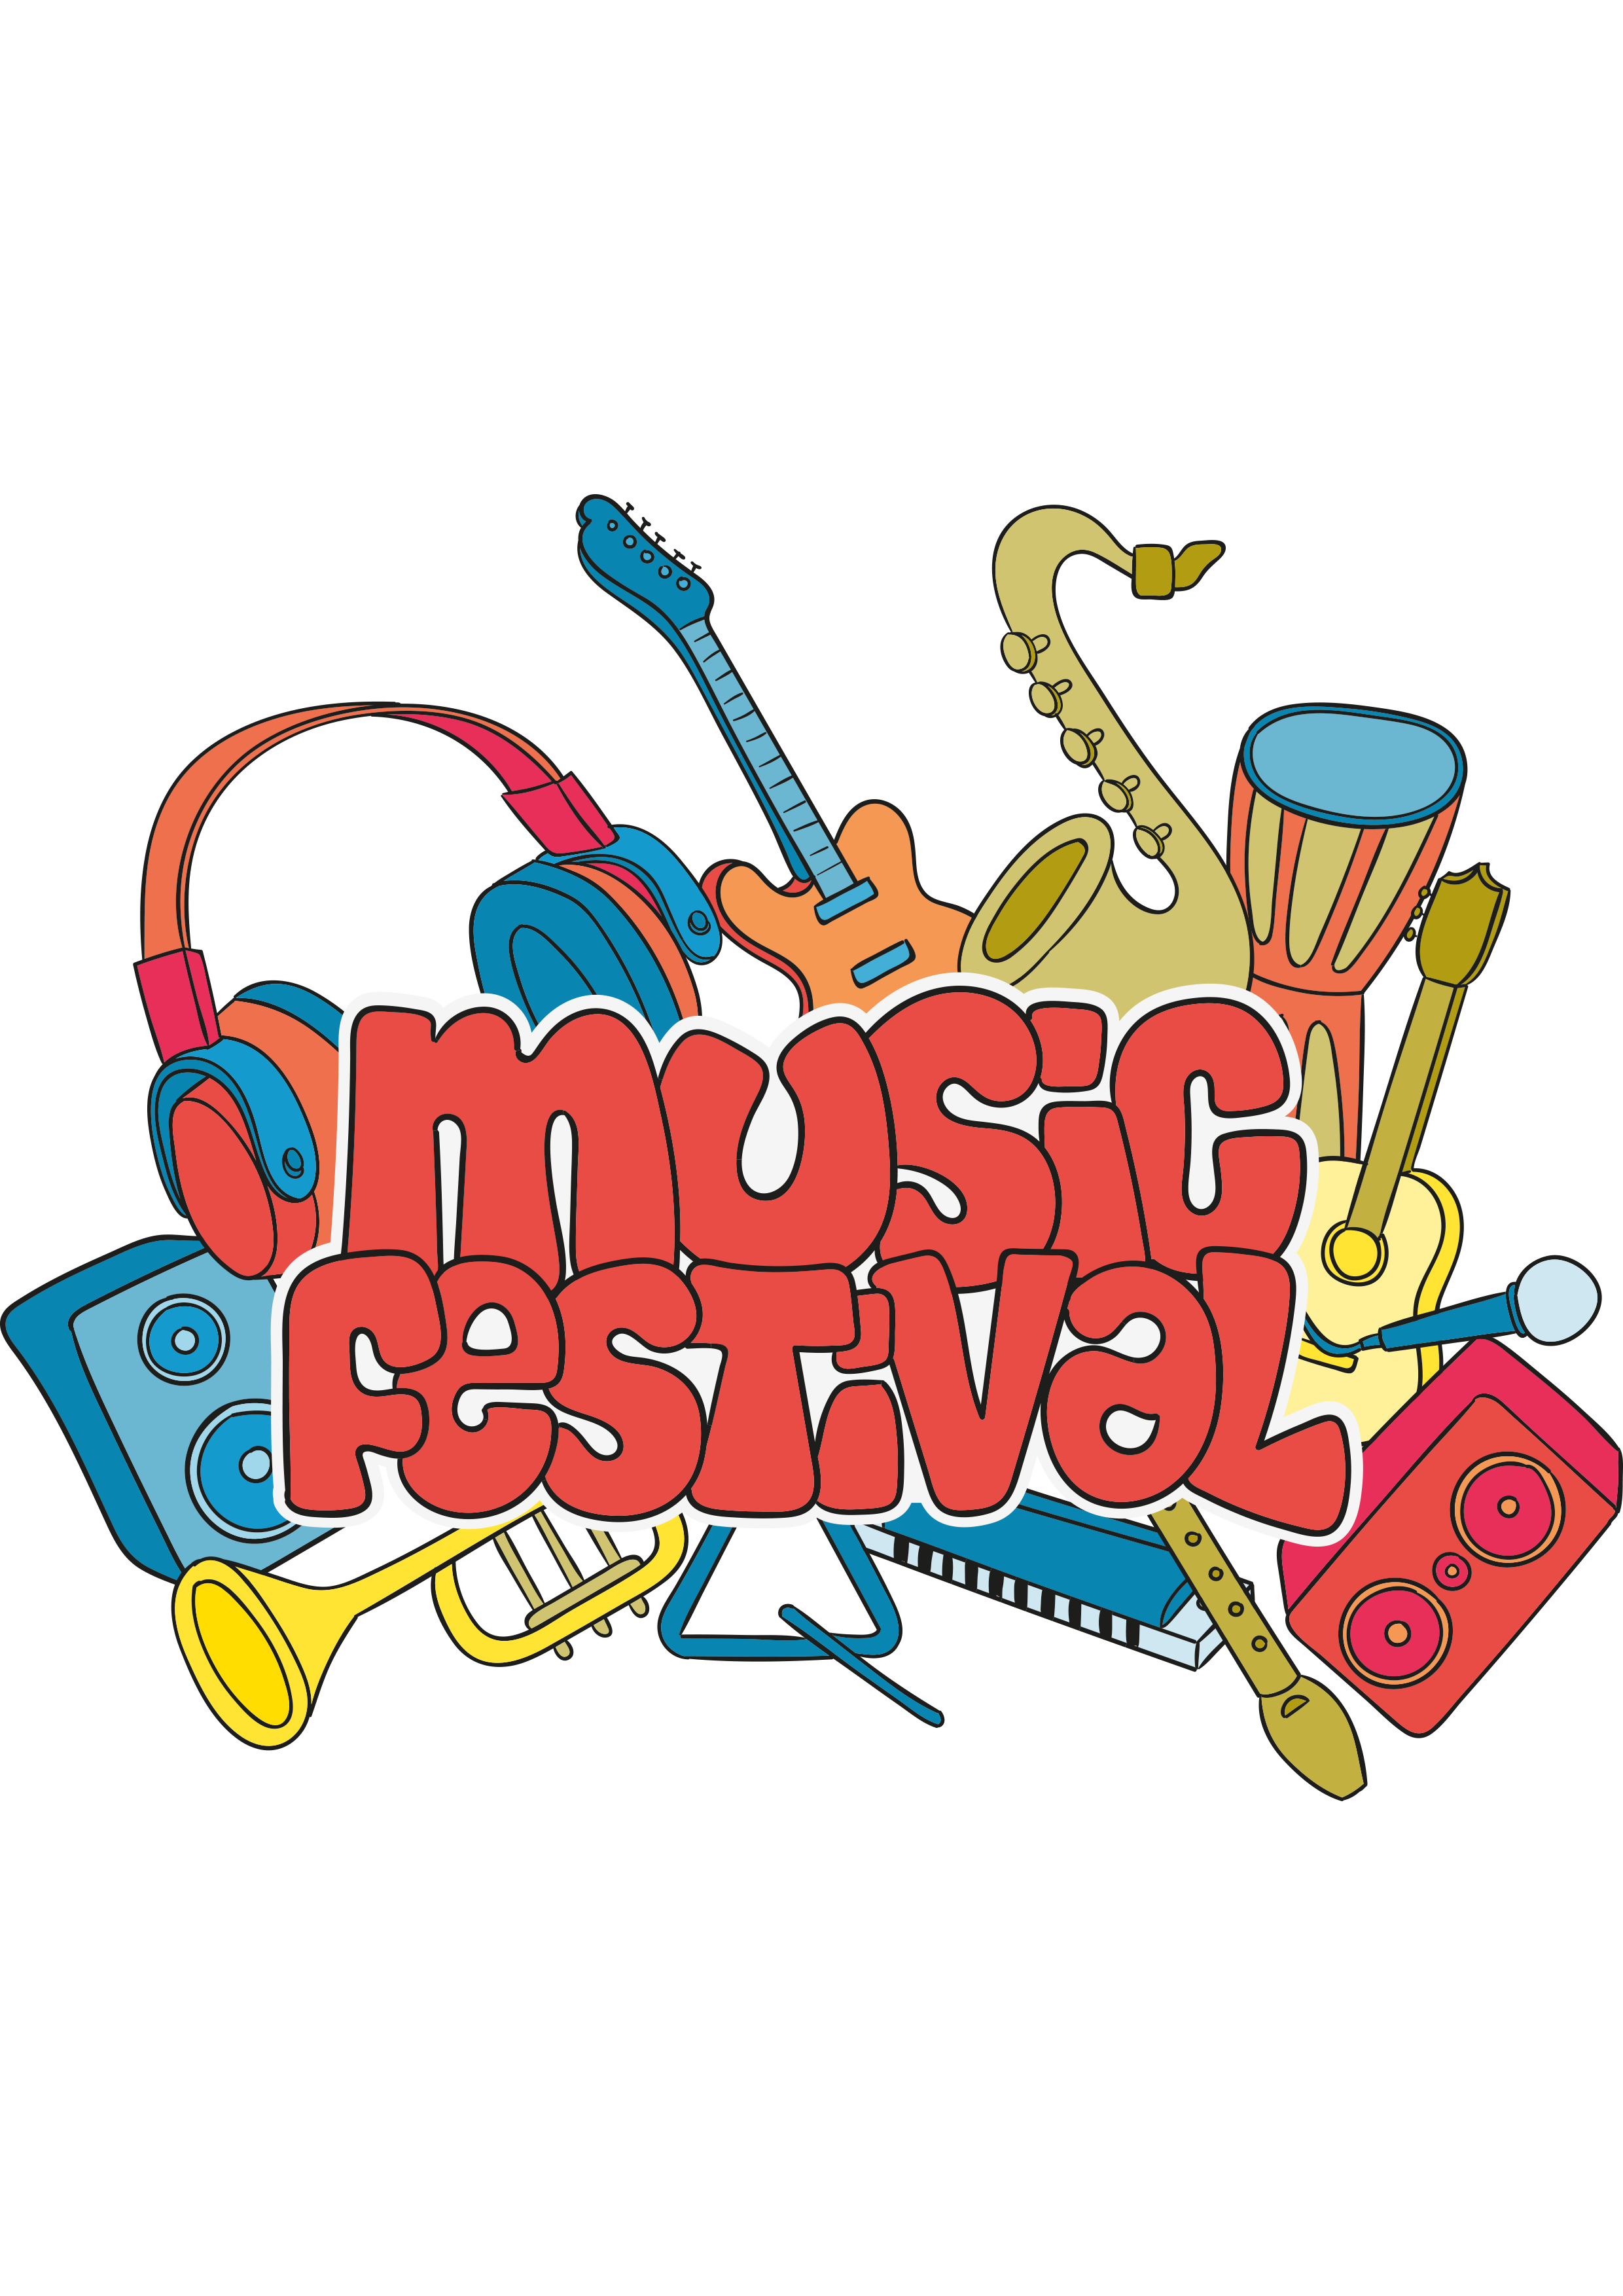 Musician clipart retro music. Festival clip art trend